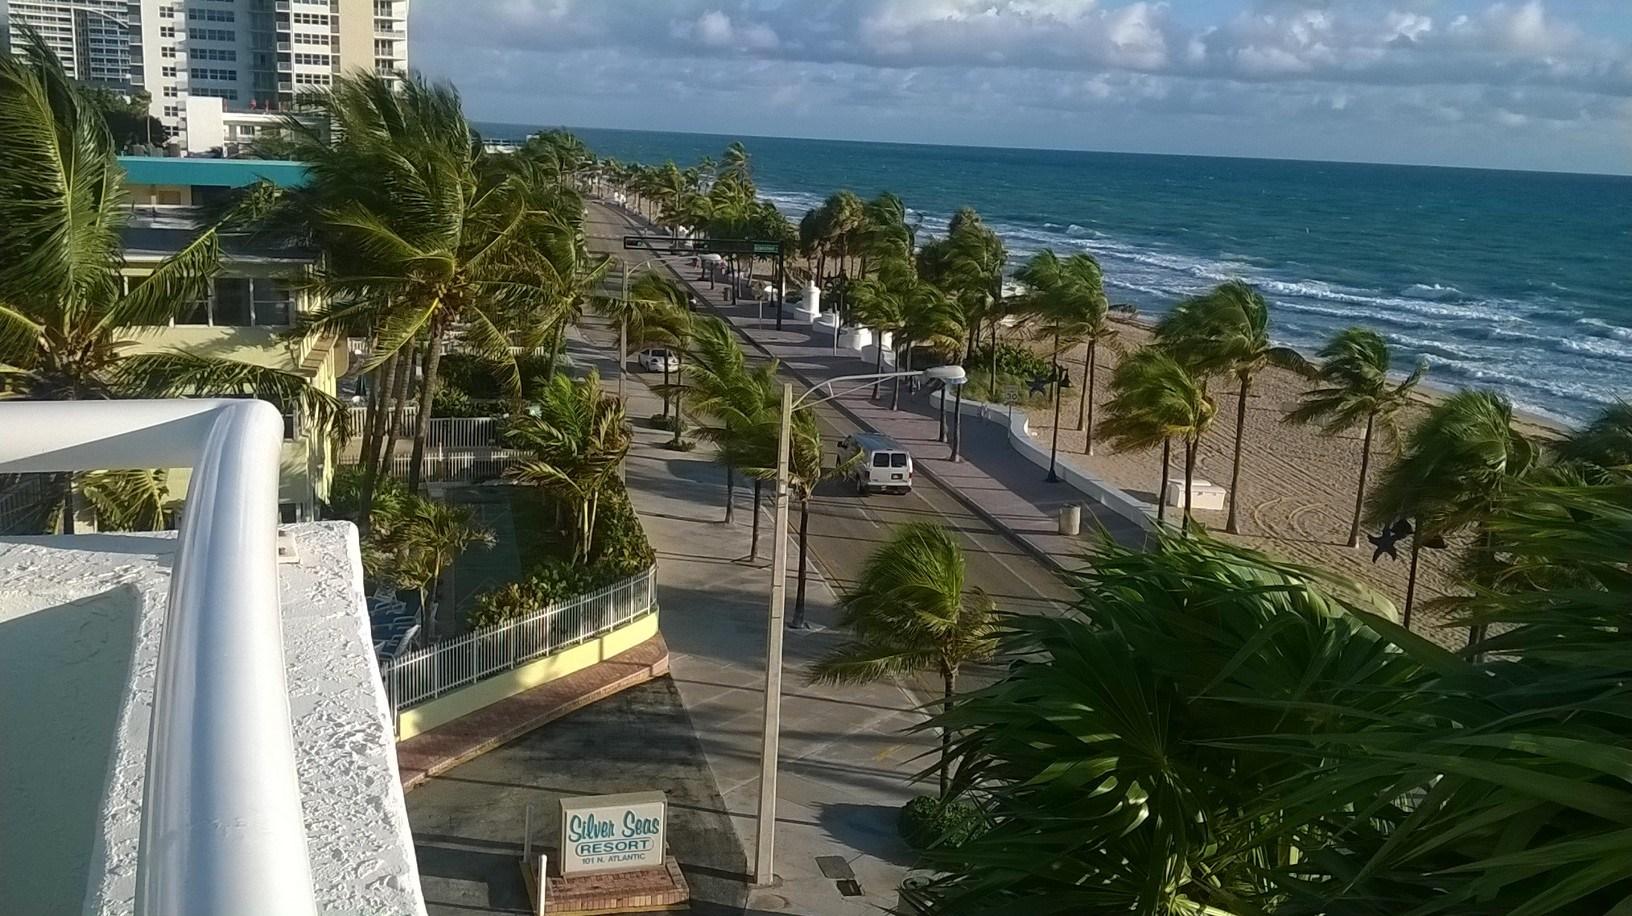 fll-ocean-blvd-fr-ballroom-hotel-nov15